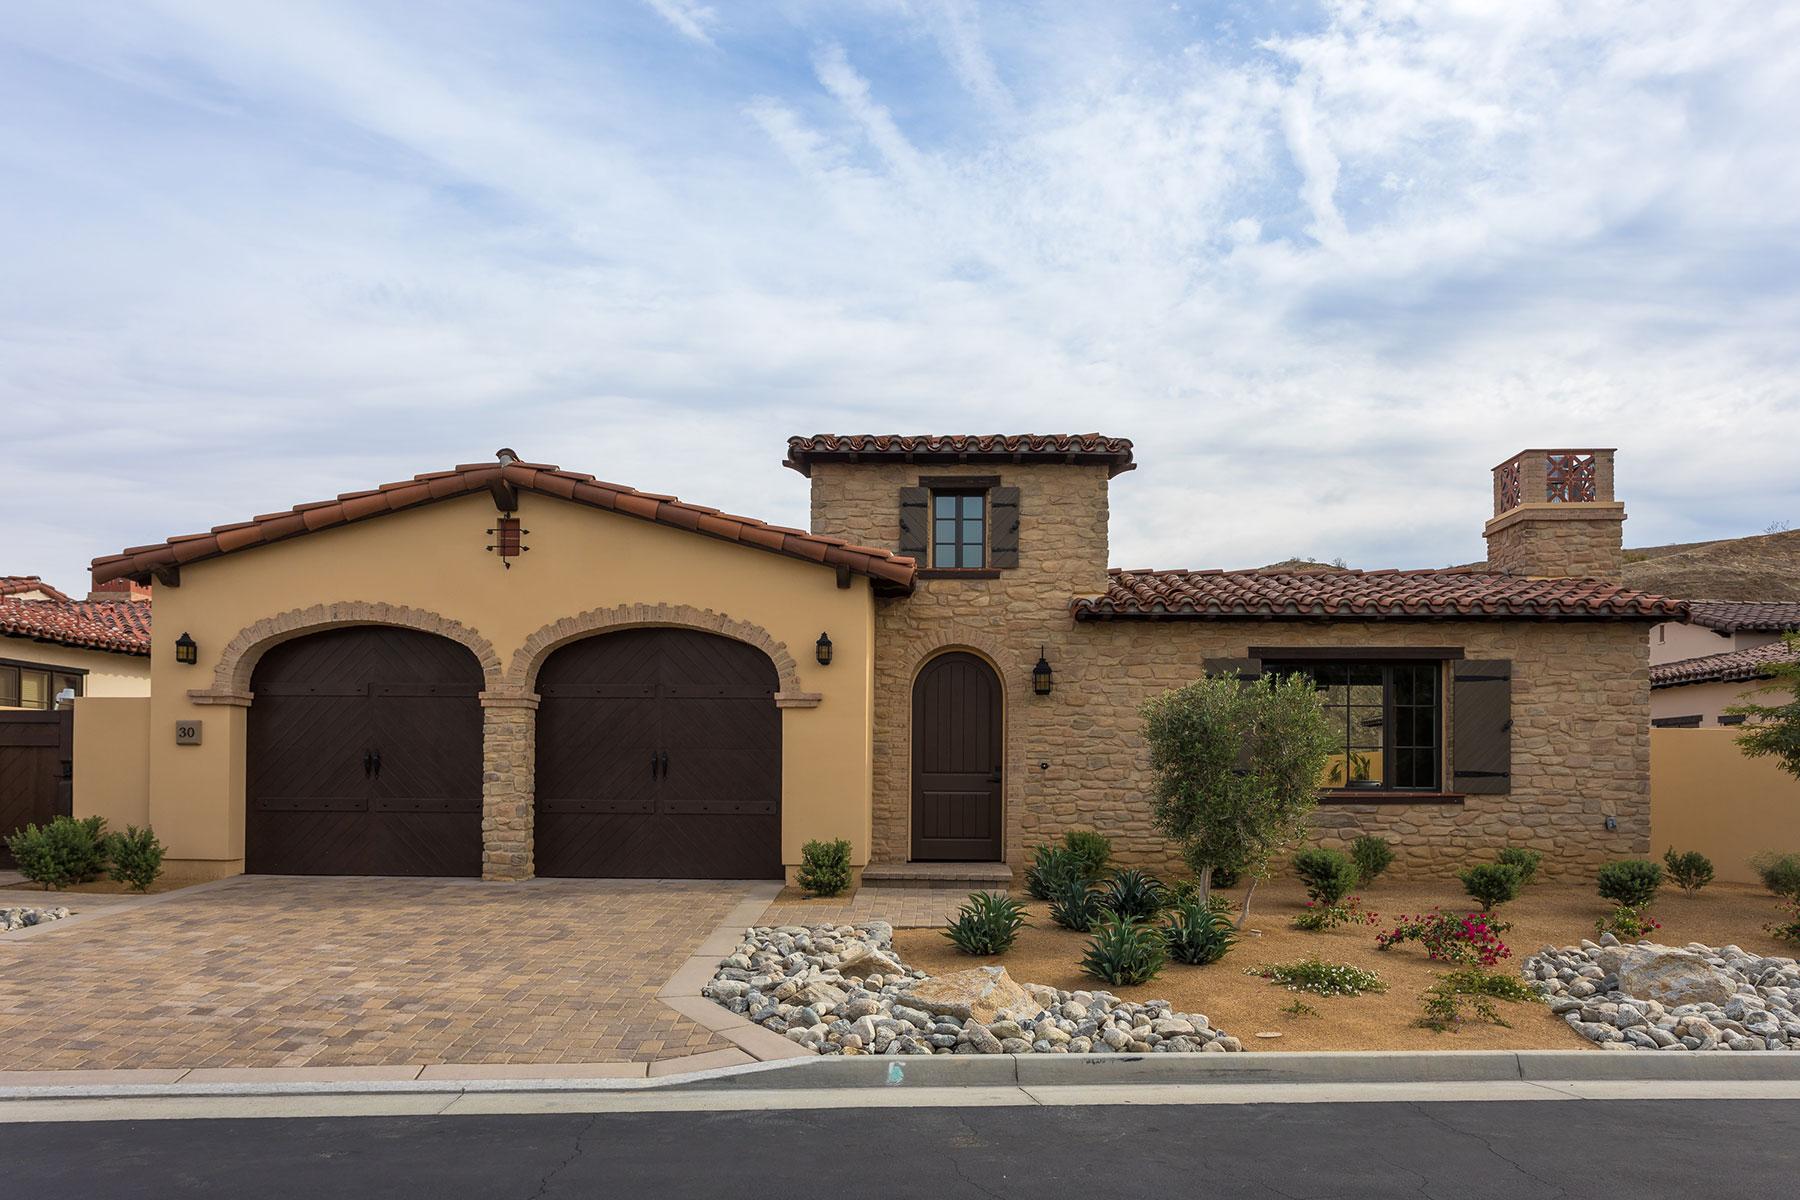 Villa per Vendita alle ore 30 Santa Rosa Mountain Rancho Mirage, California, 92270 Stati Uniti